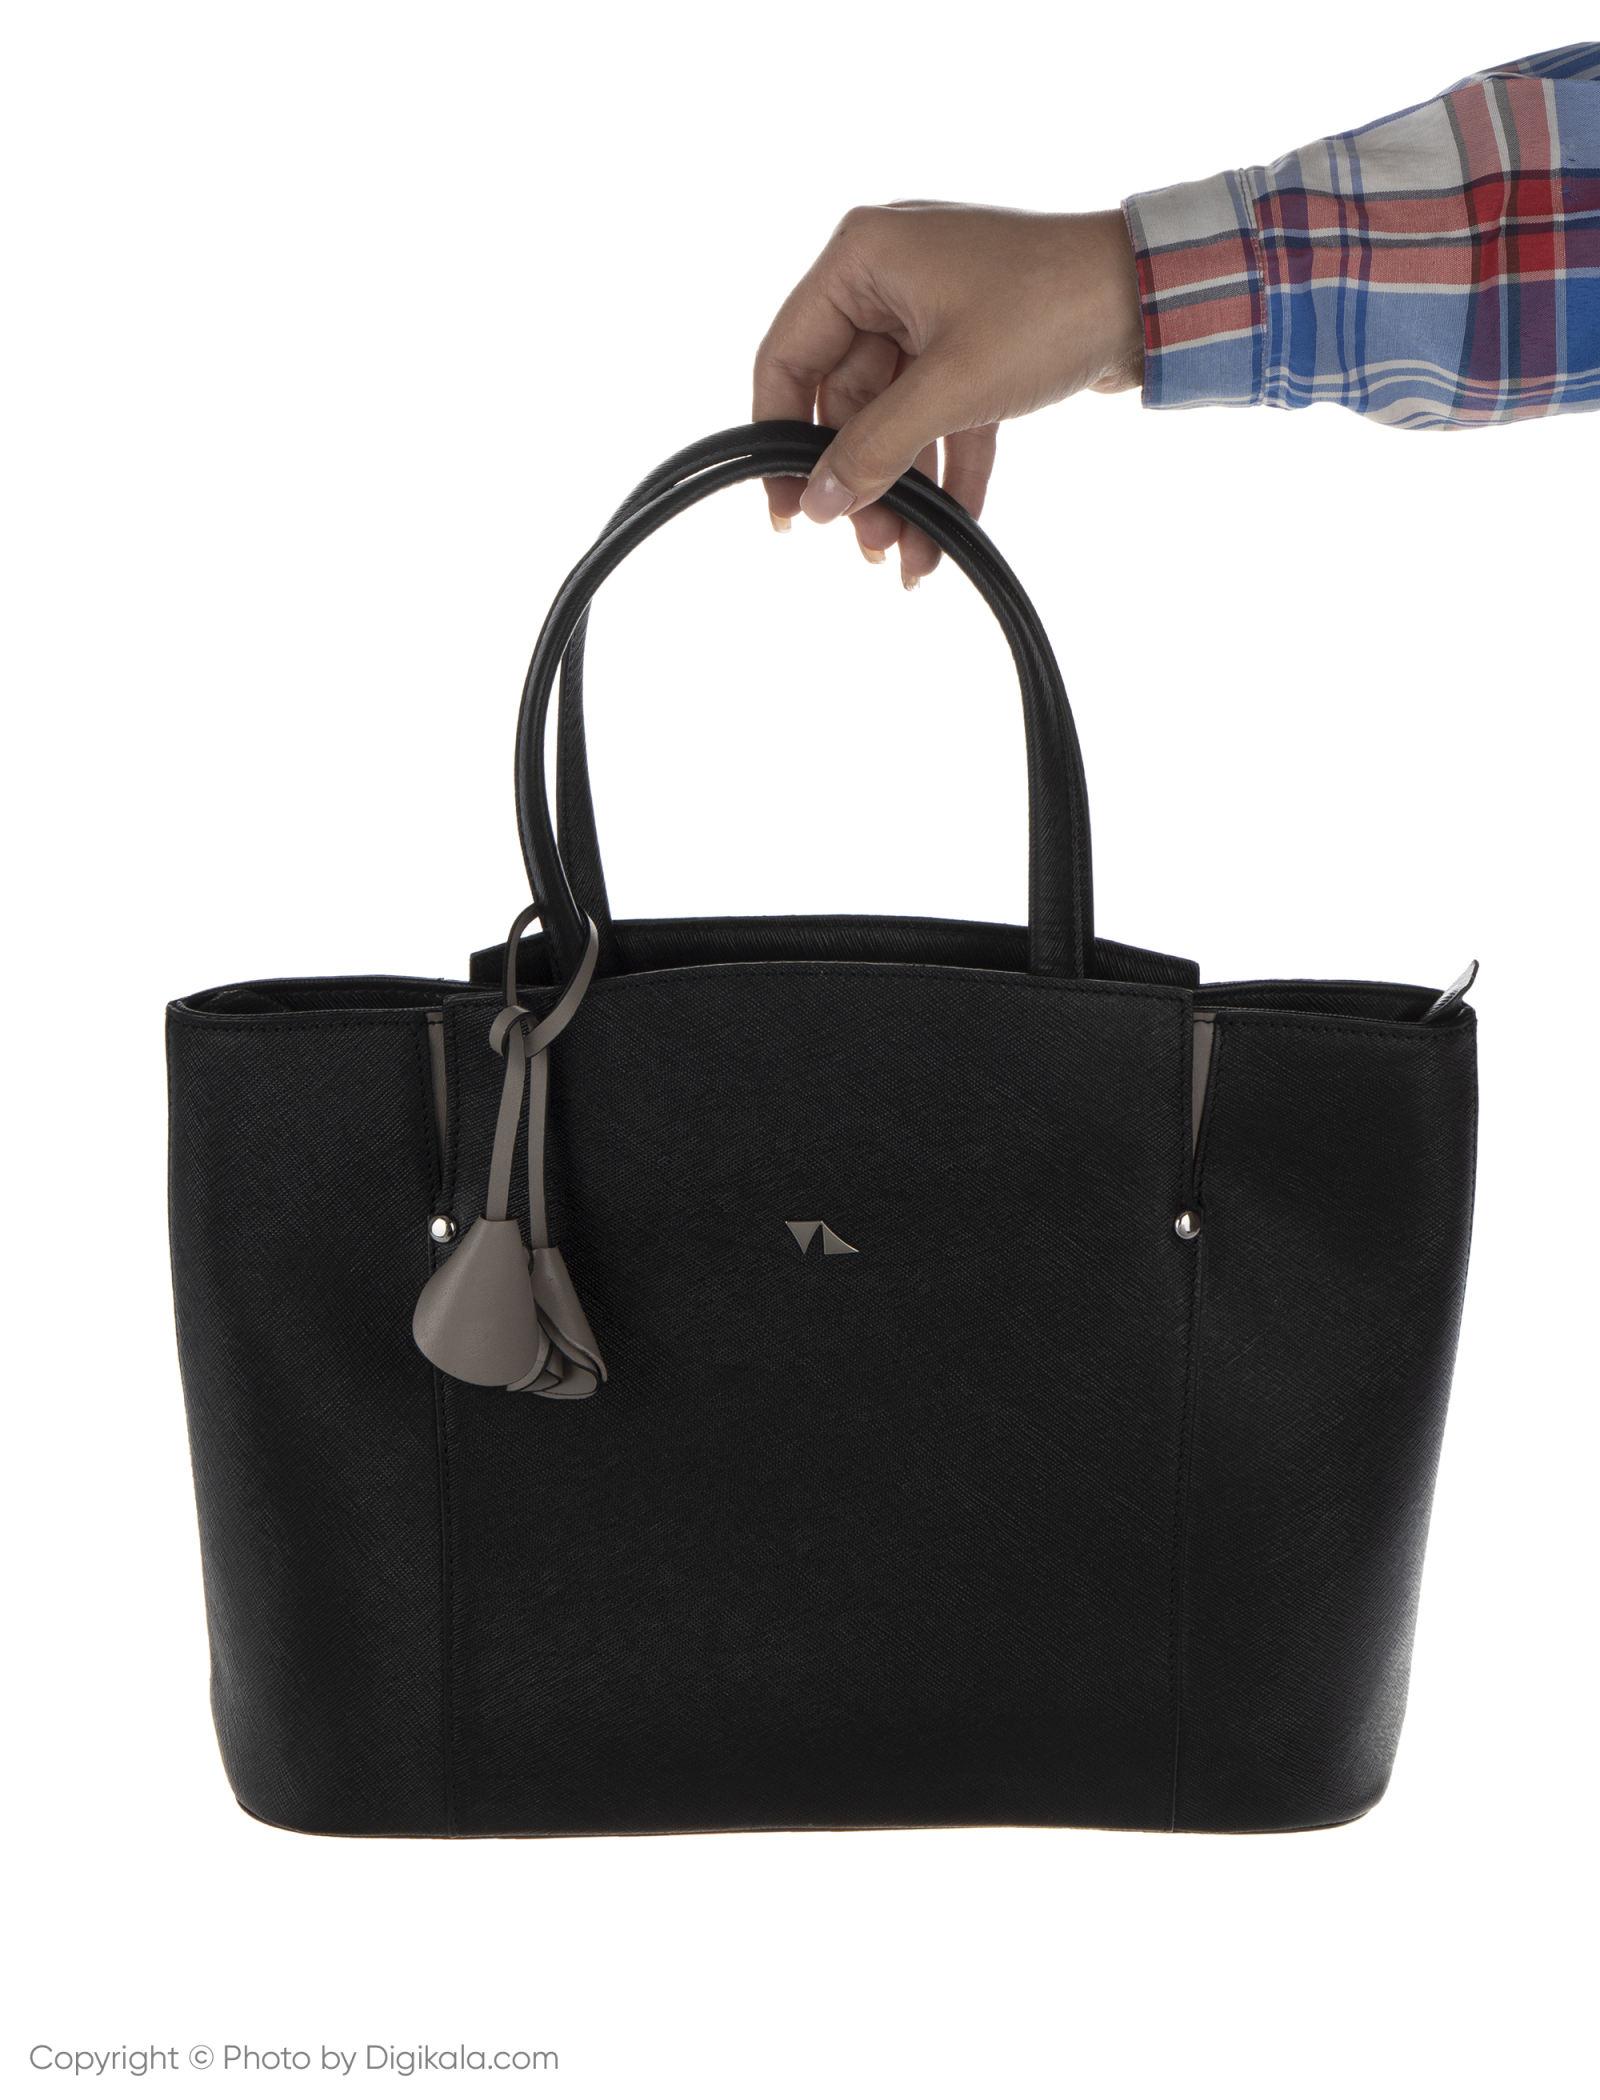 کیف دستی زنانه چرم مشهد مدل S0716-001 -  - 10